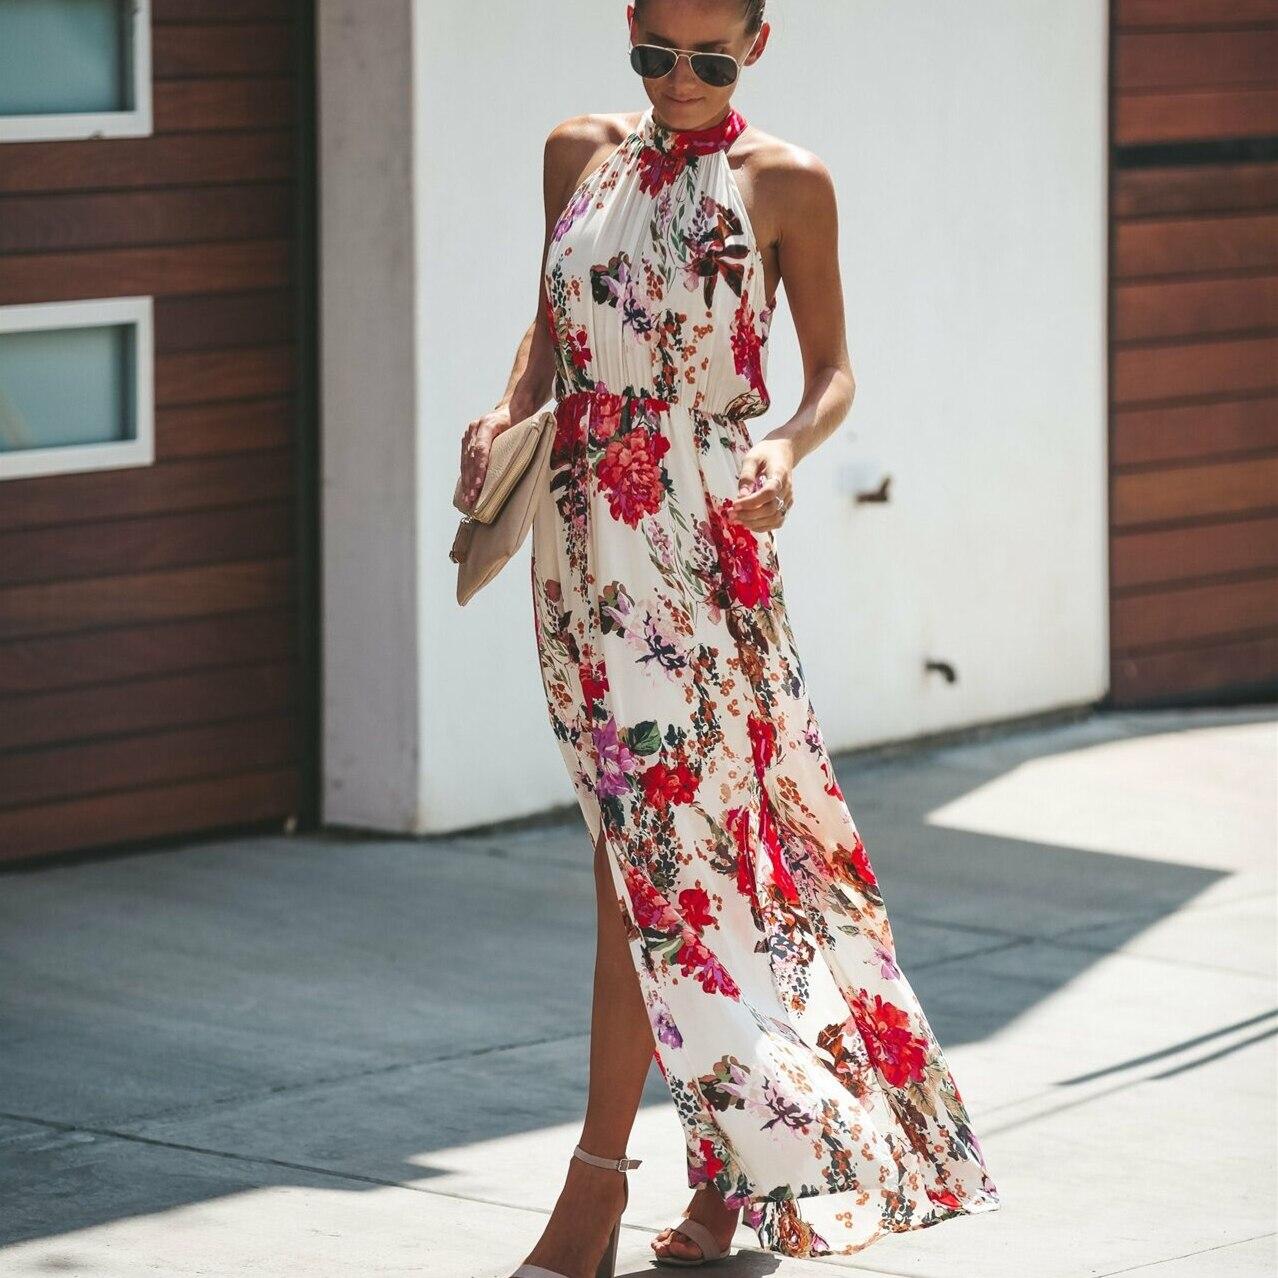 Halter tarzı kadınlar yaz çiçek elbise Casual Boho yüksek bel uzun Maxi tatil parti kolsuz gevşek elbise elbise